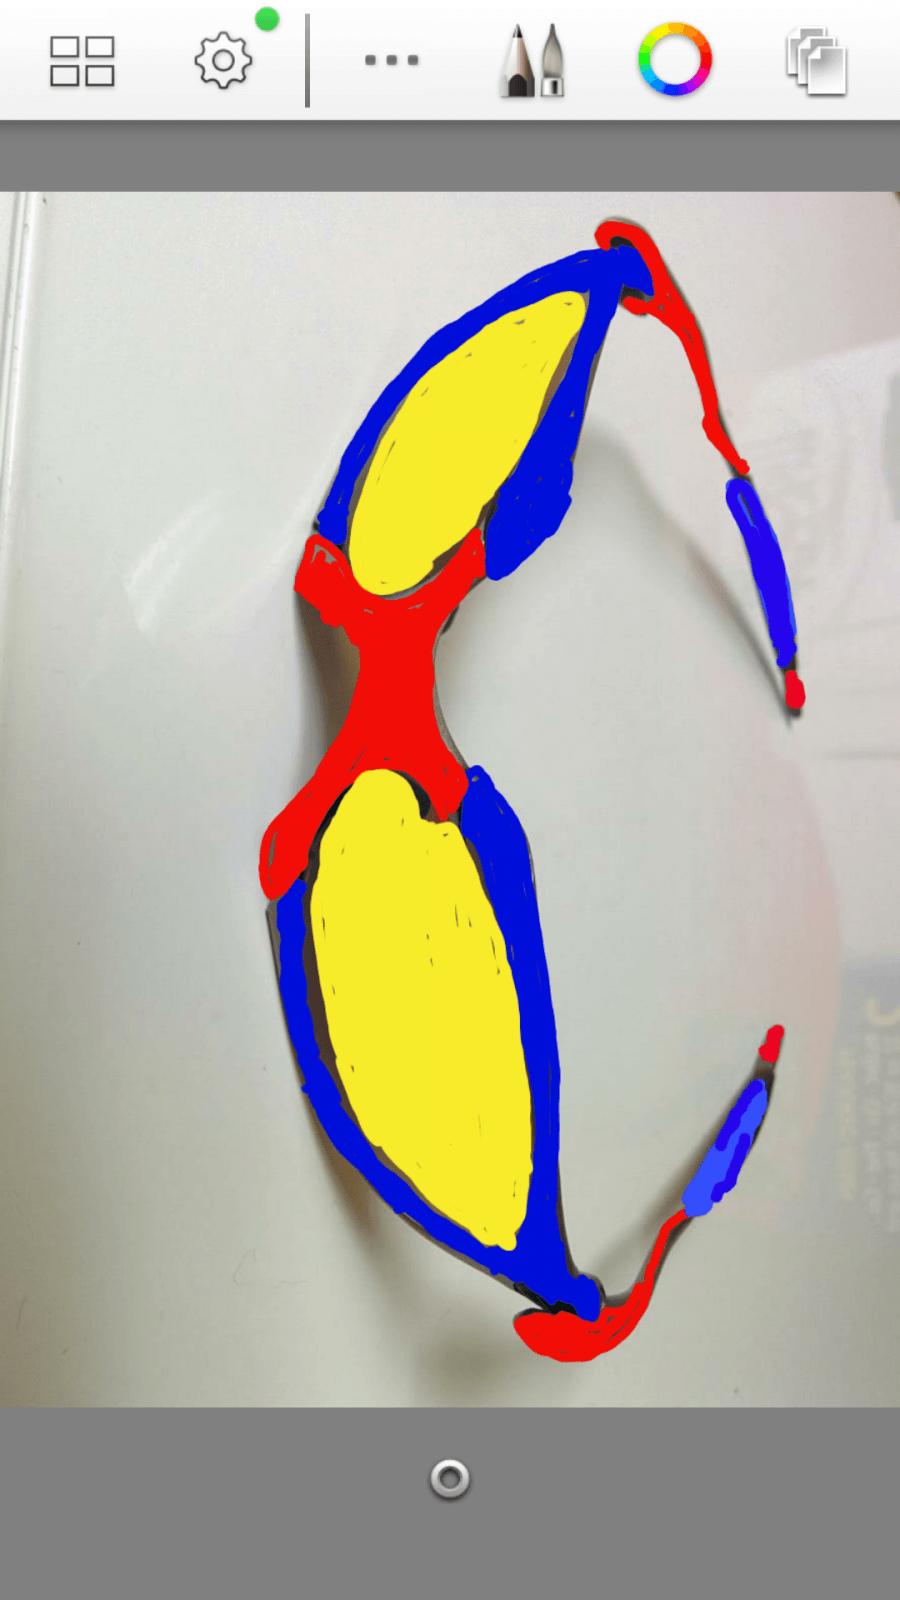 Custom Romeo Spiderman Or Superman Ironman X-Metal ? - Screenshot_2014-08-14-09-05-29.png